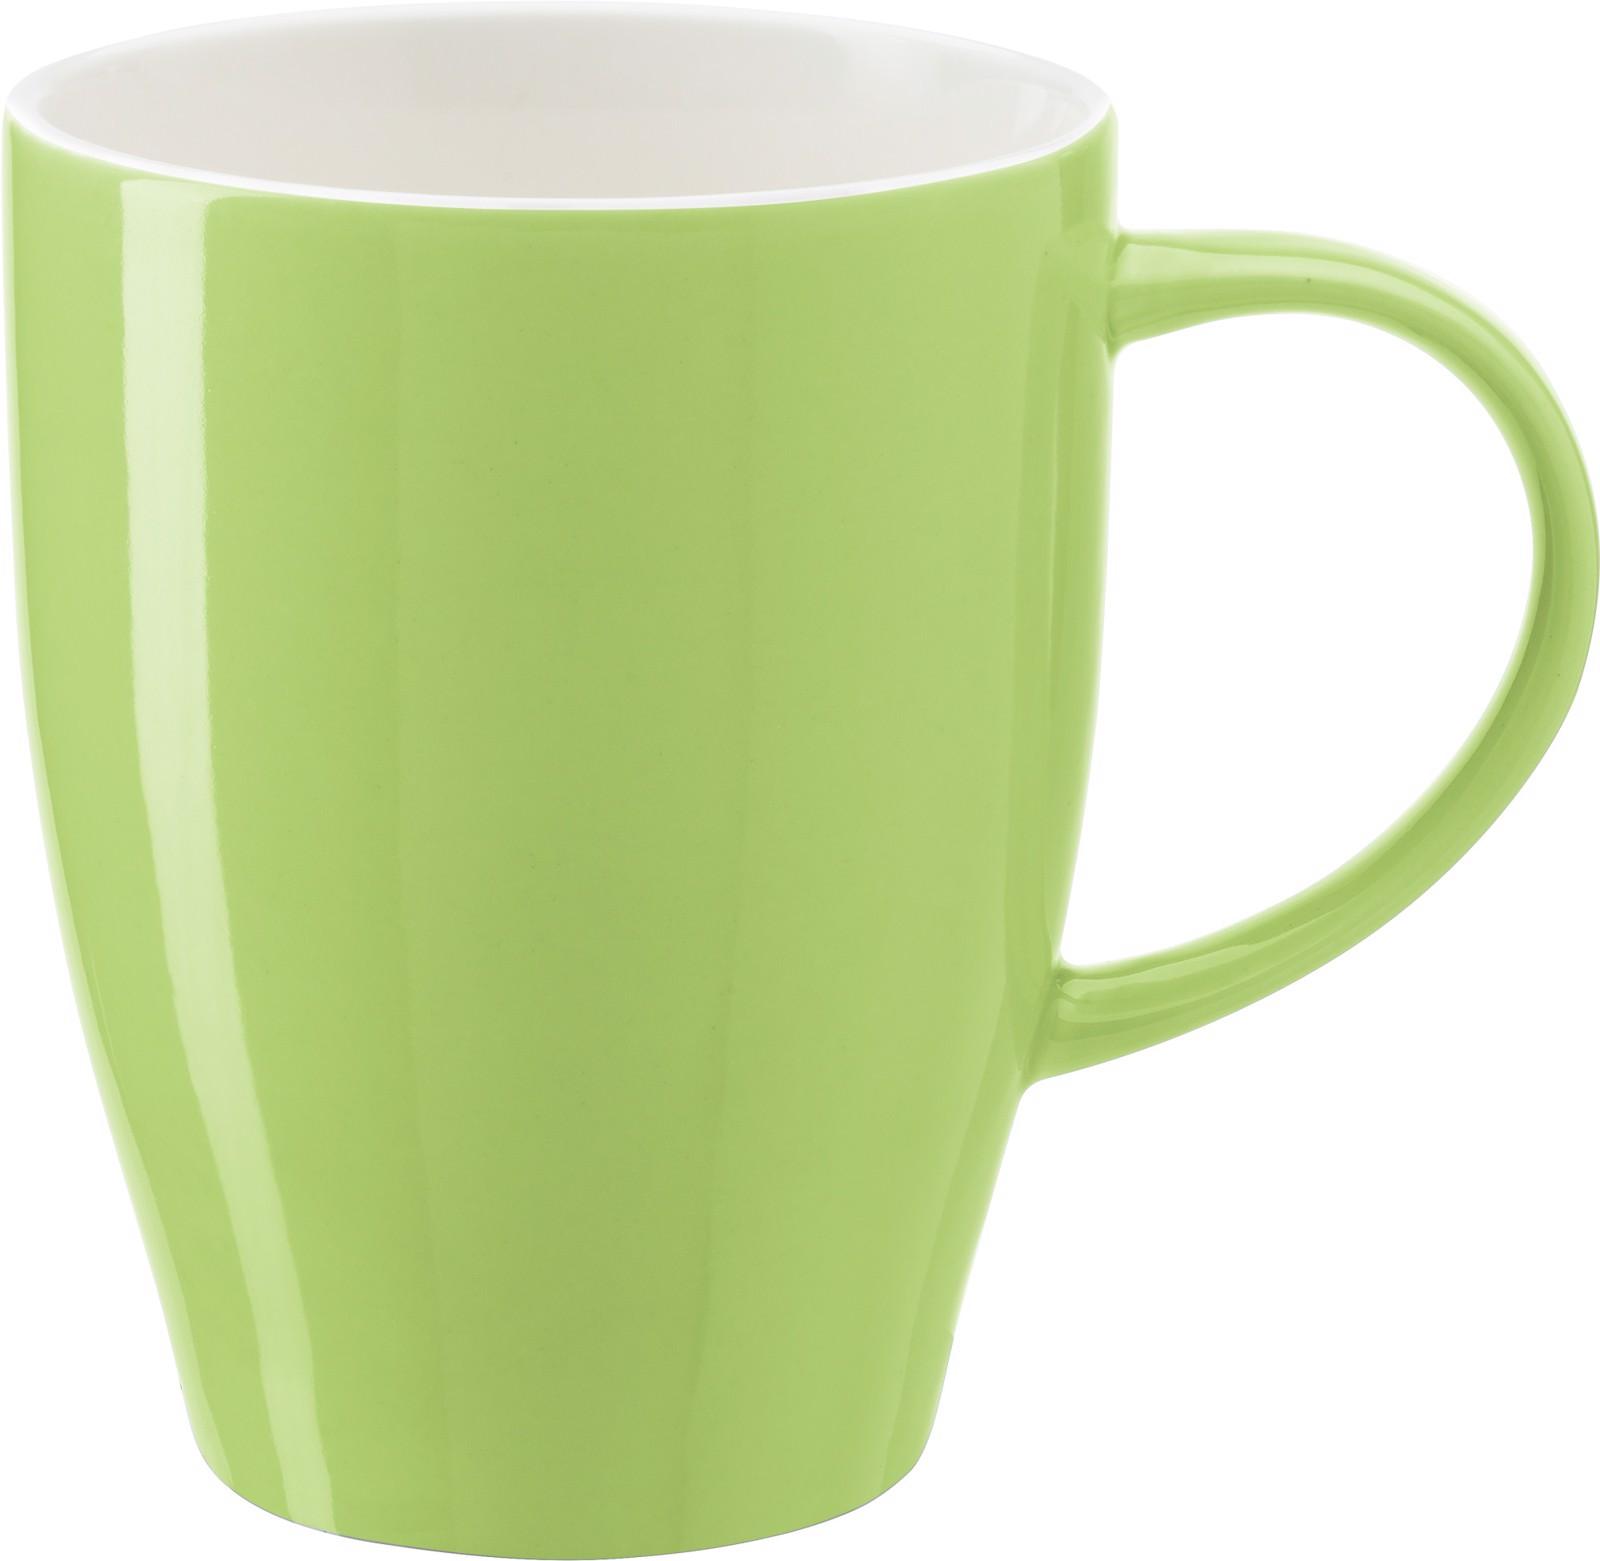 Porcelain mug - Light Green